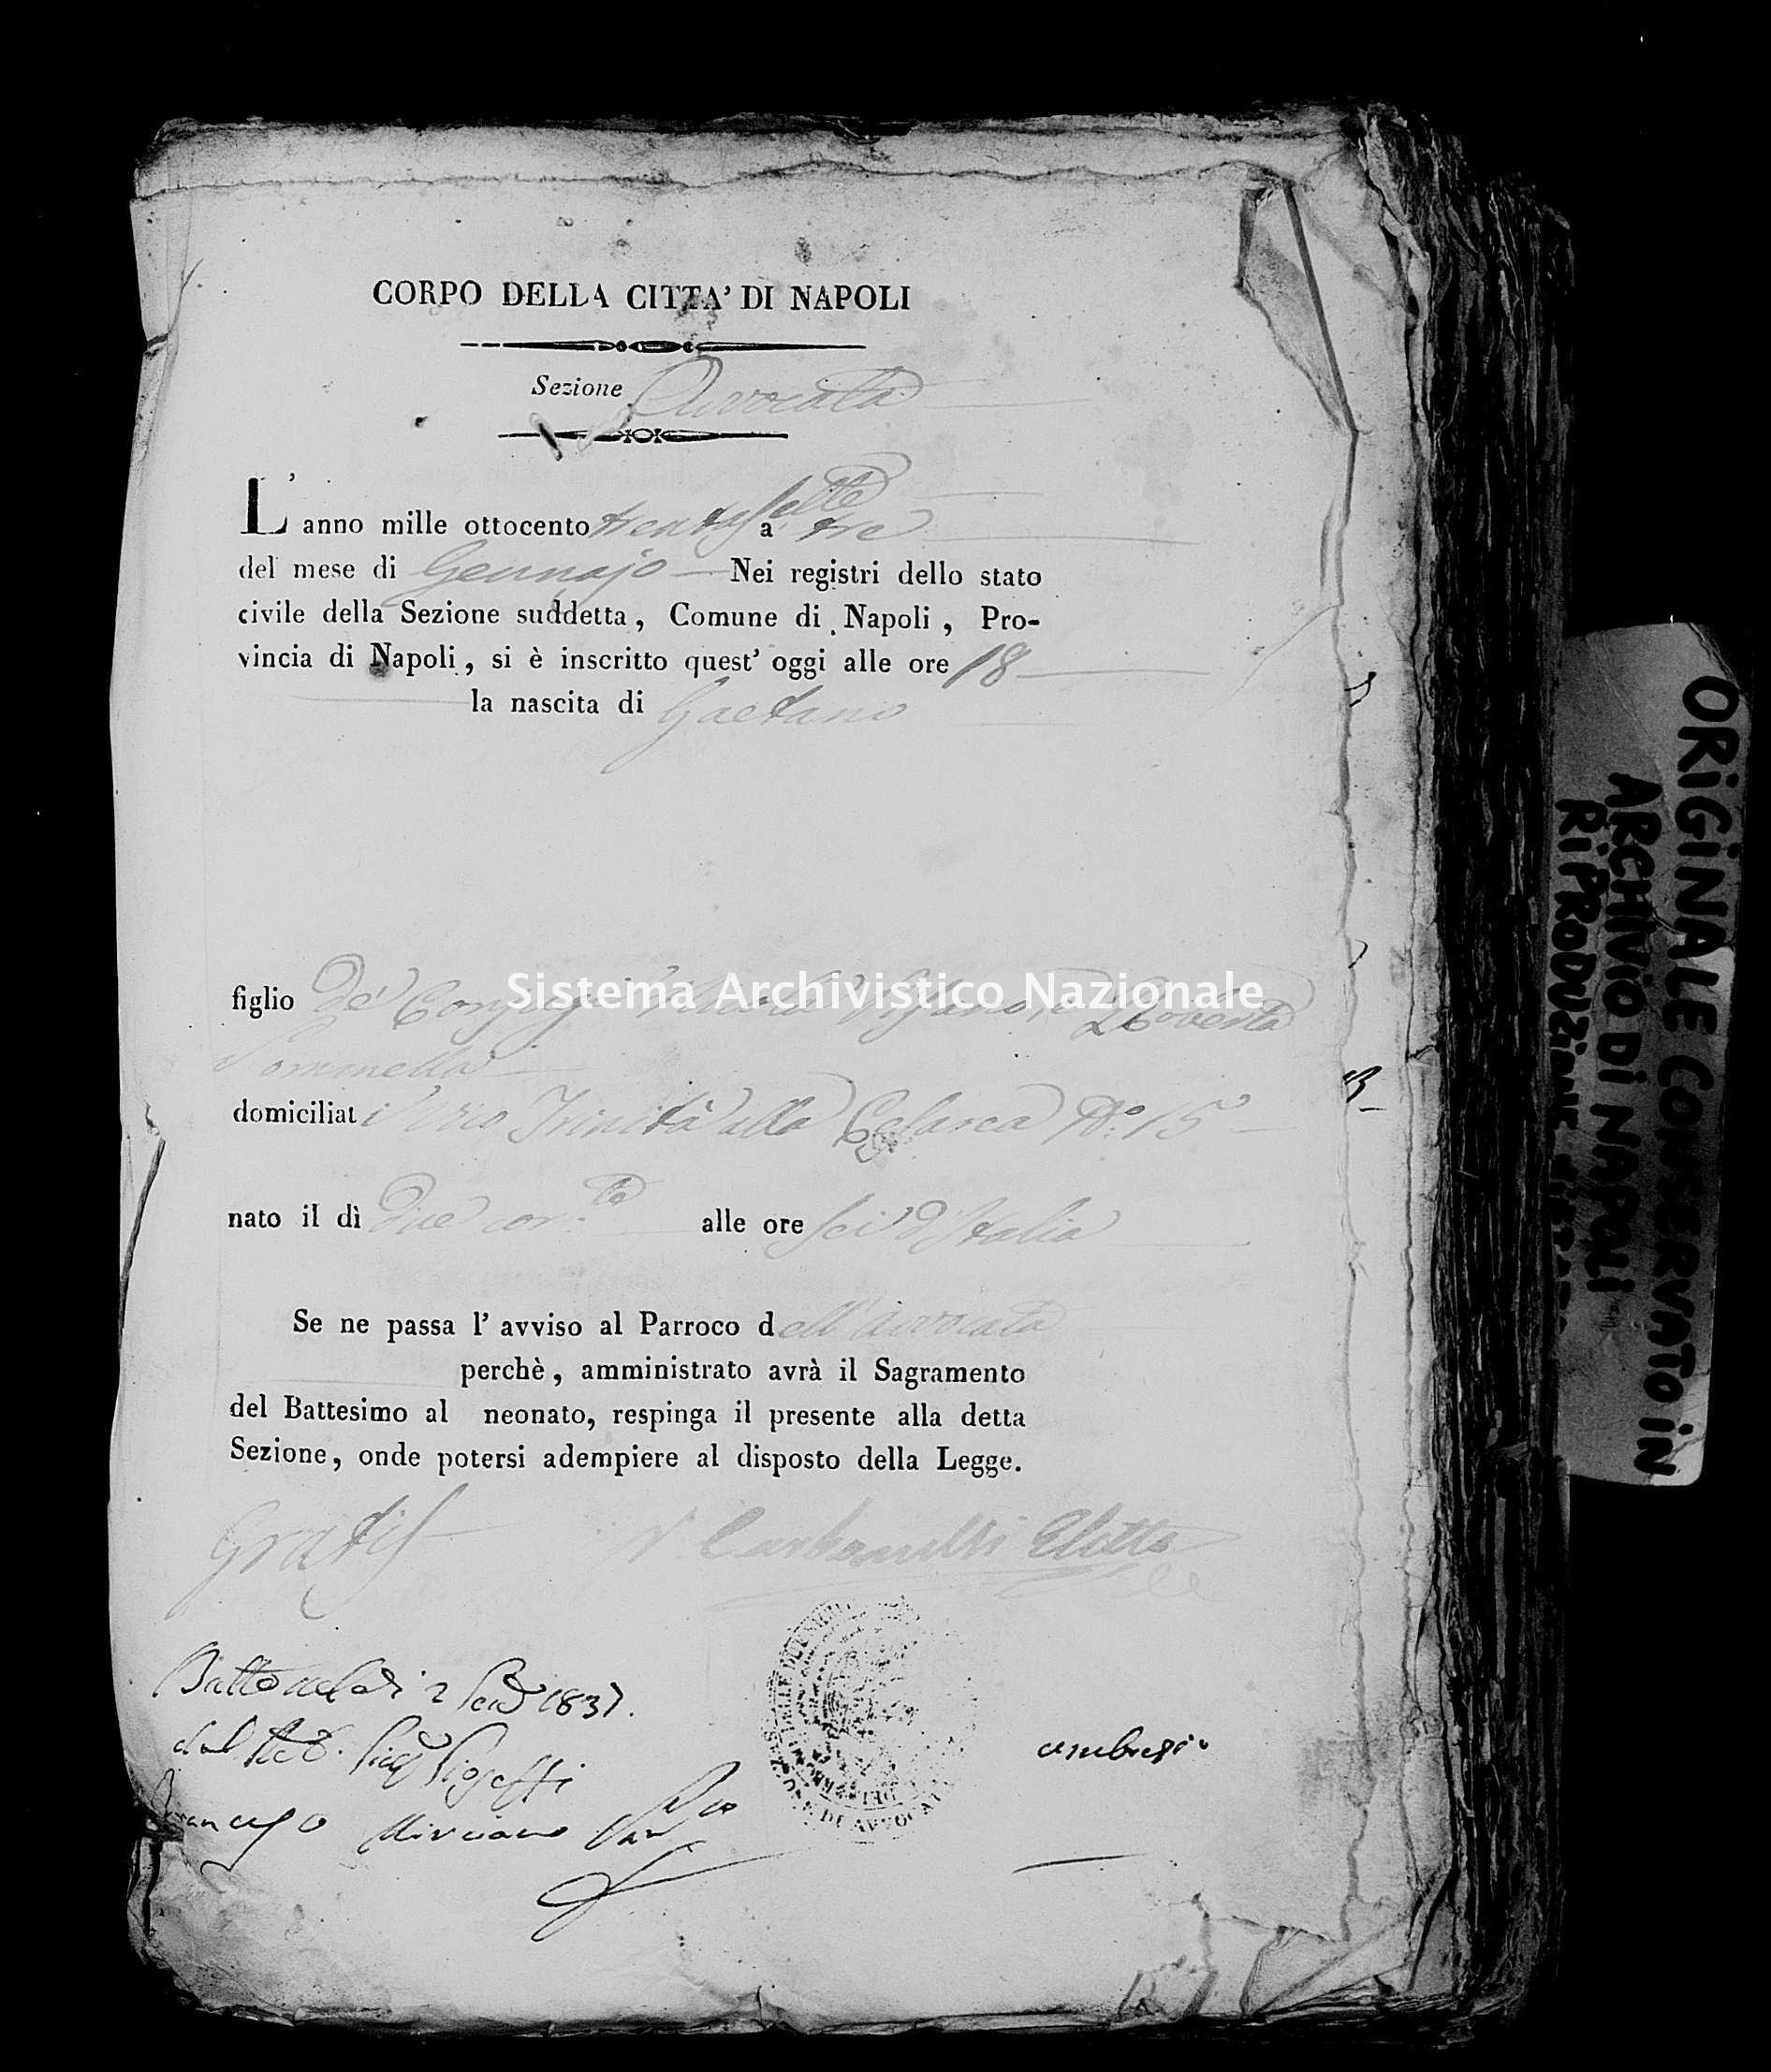 Archivio di stato di Napoli - Stato civile della restaurazione - Avvocata - Nati, battesimi - 03/01/1837-28/02/1837 -